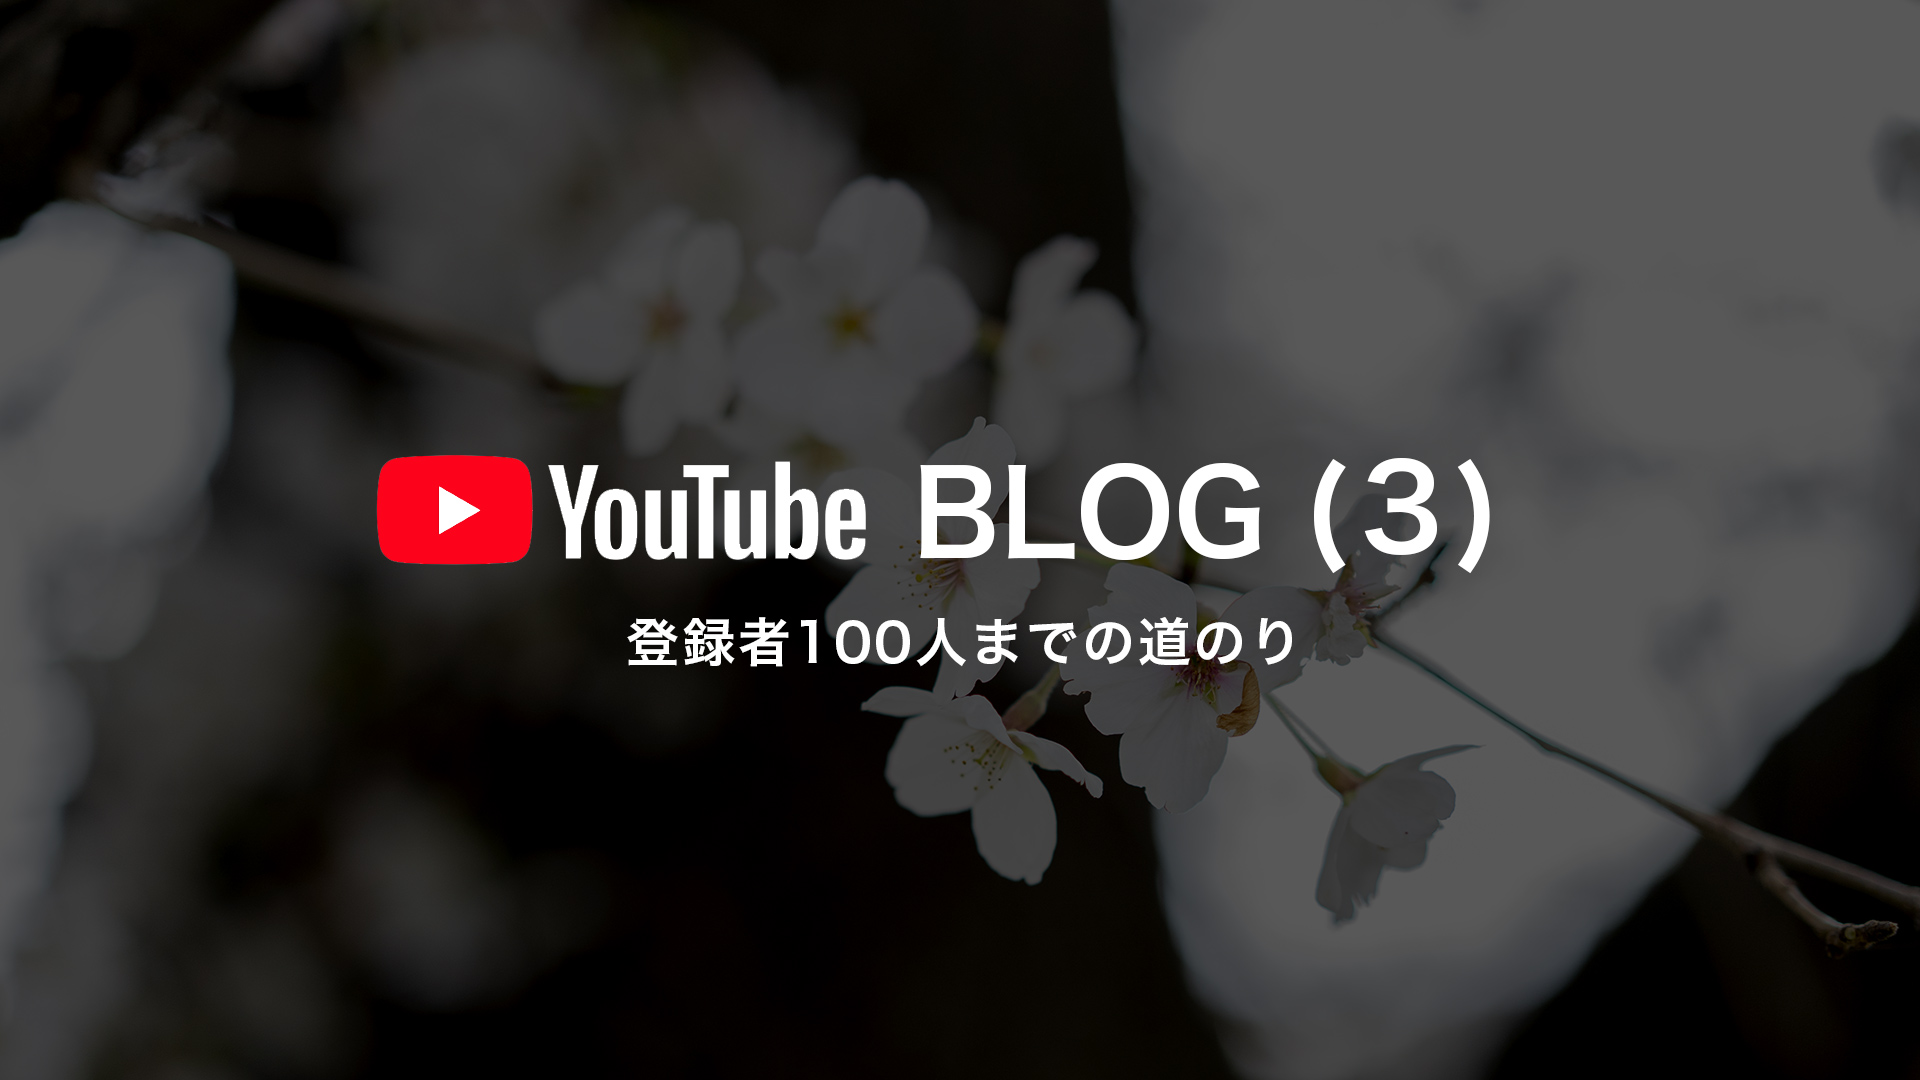 他のYouTube動画投稿者との差別化